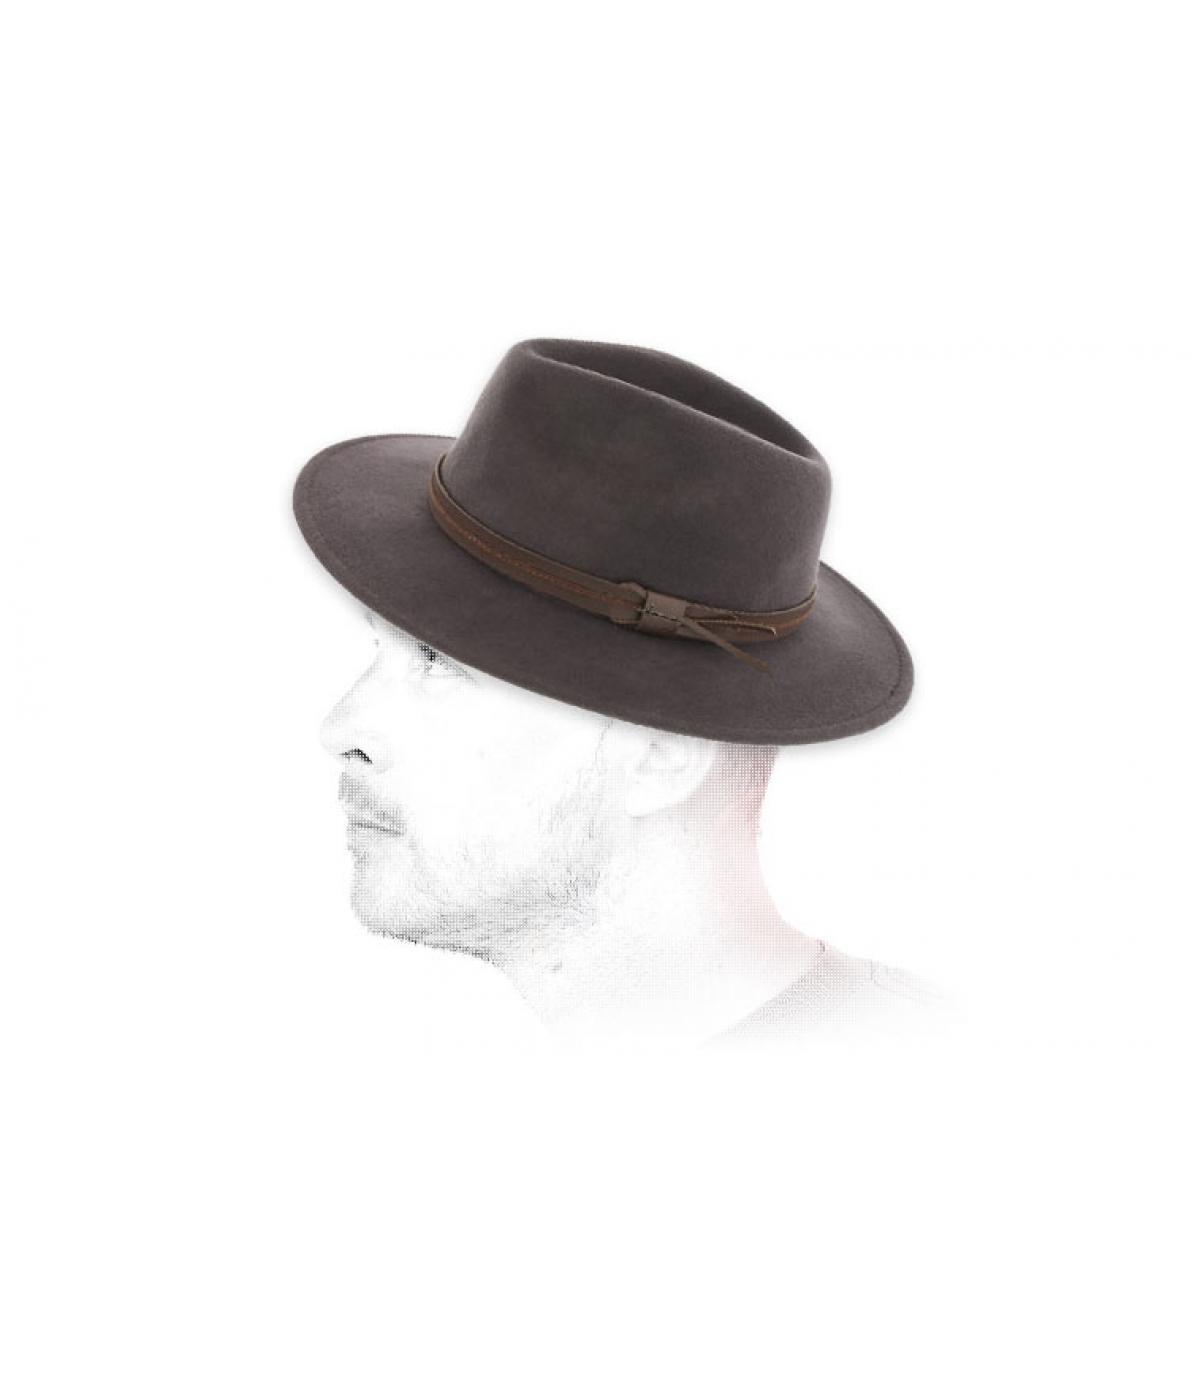 Sombrero fieltro - Compra venta de Sombreros fieltro. Primera ... 52935ac18c6